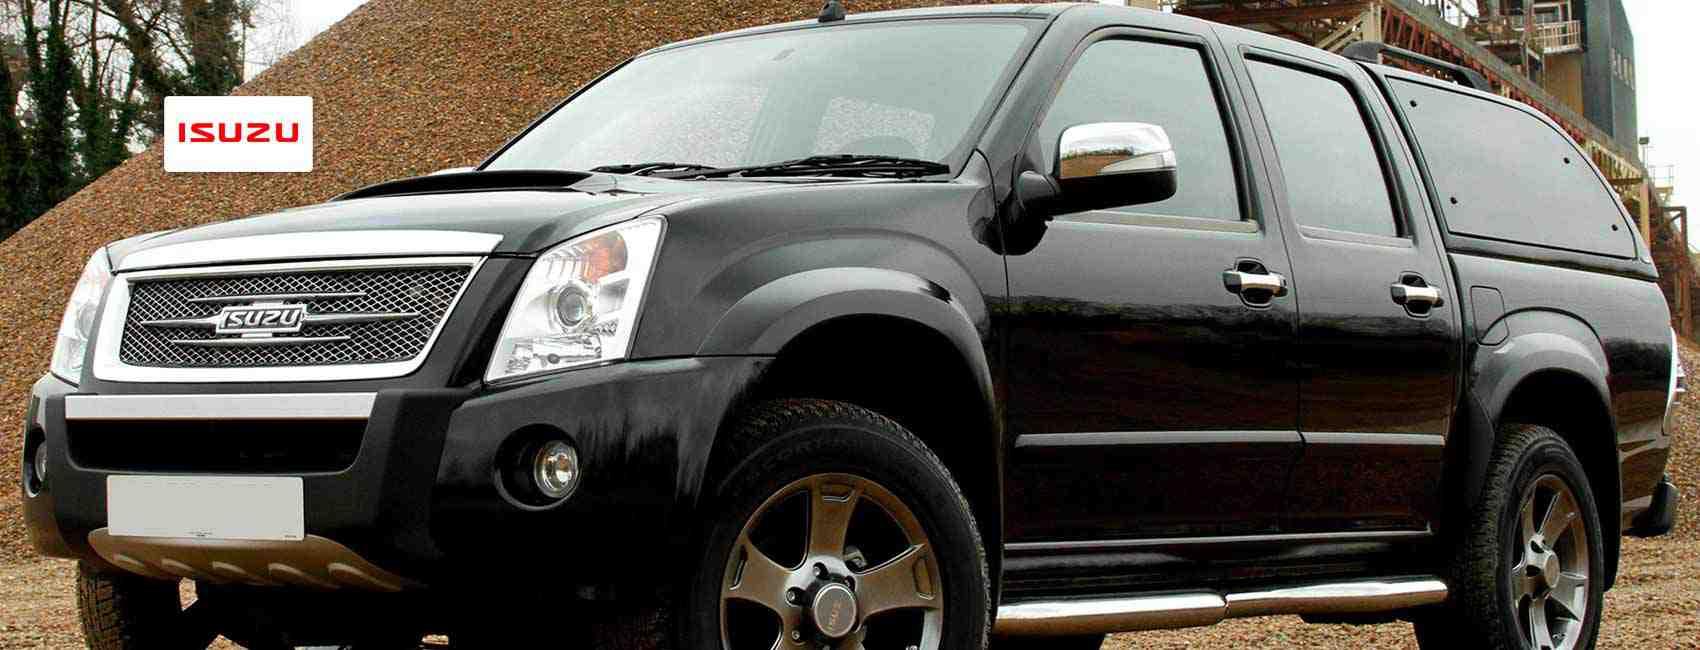 Isuzu Rodeo Parts - Buy Used Isuzu Rodeo Parts Online @ Best Price